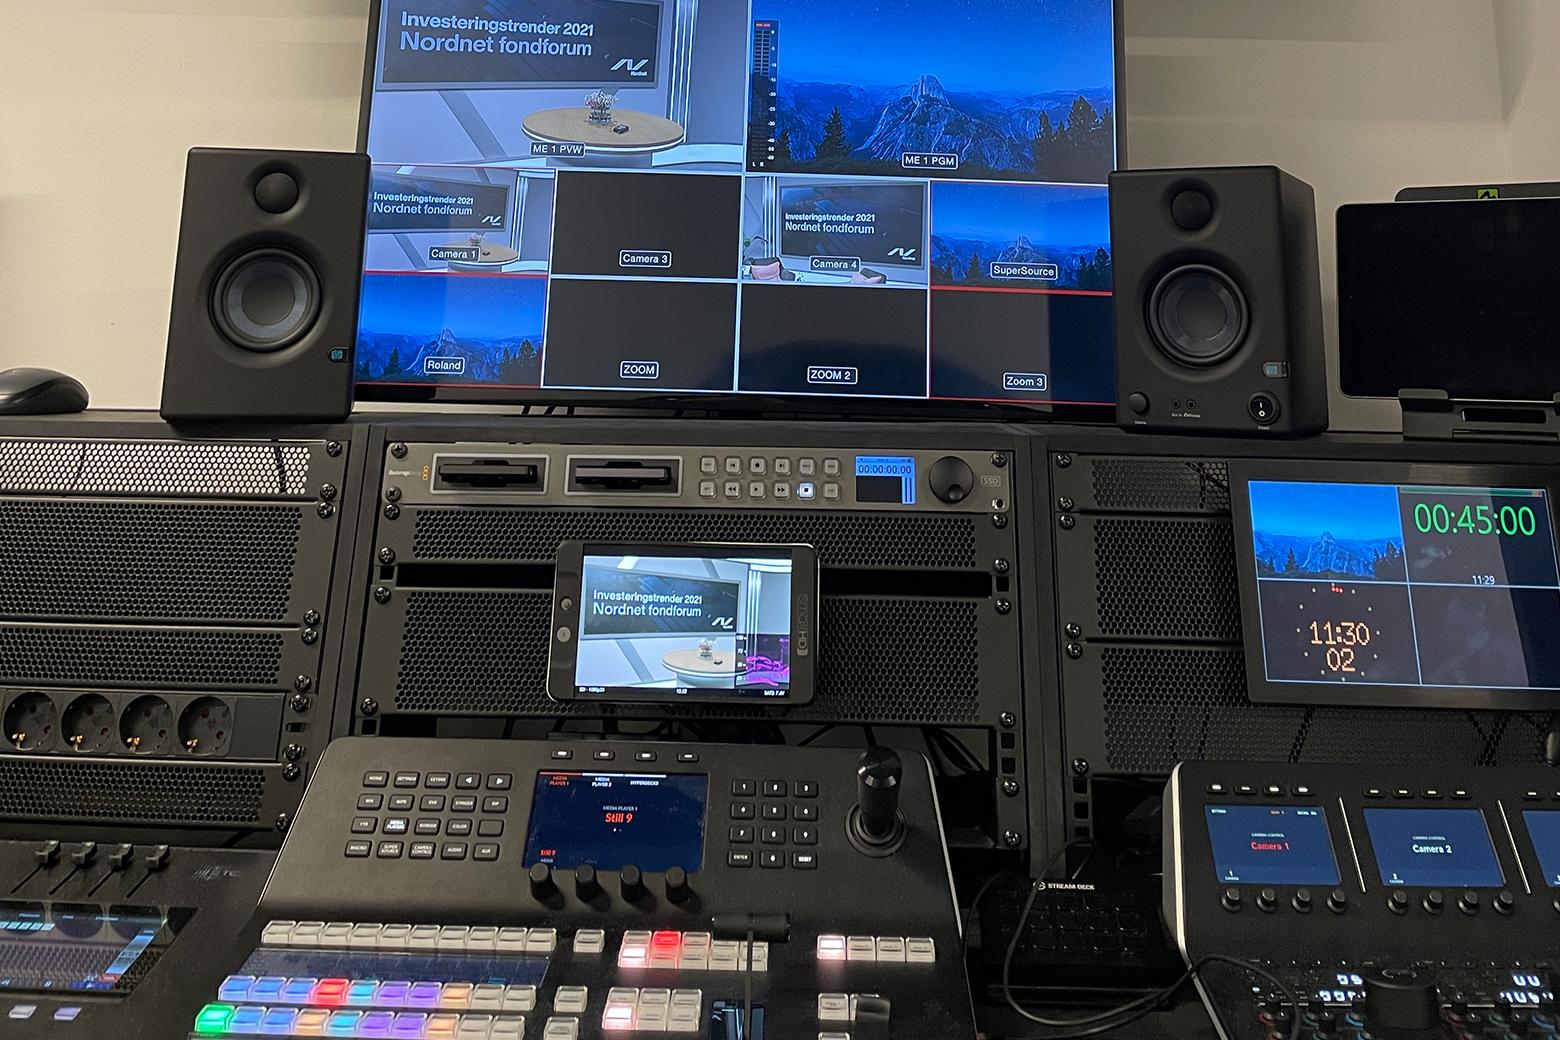 videotekniker